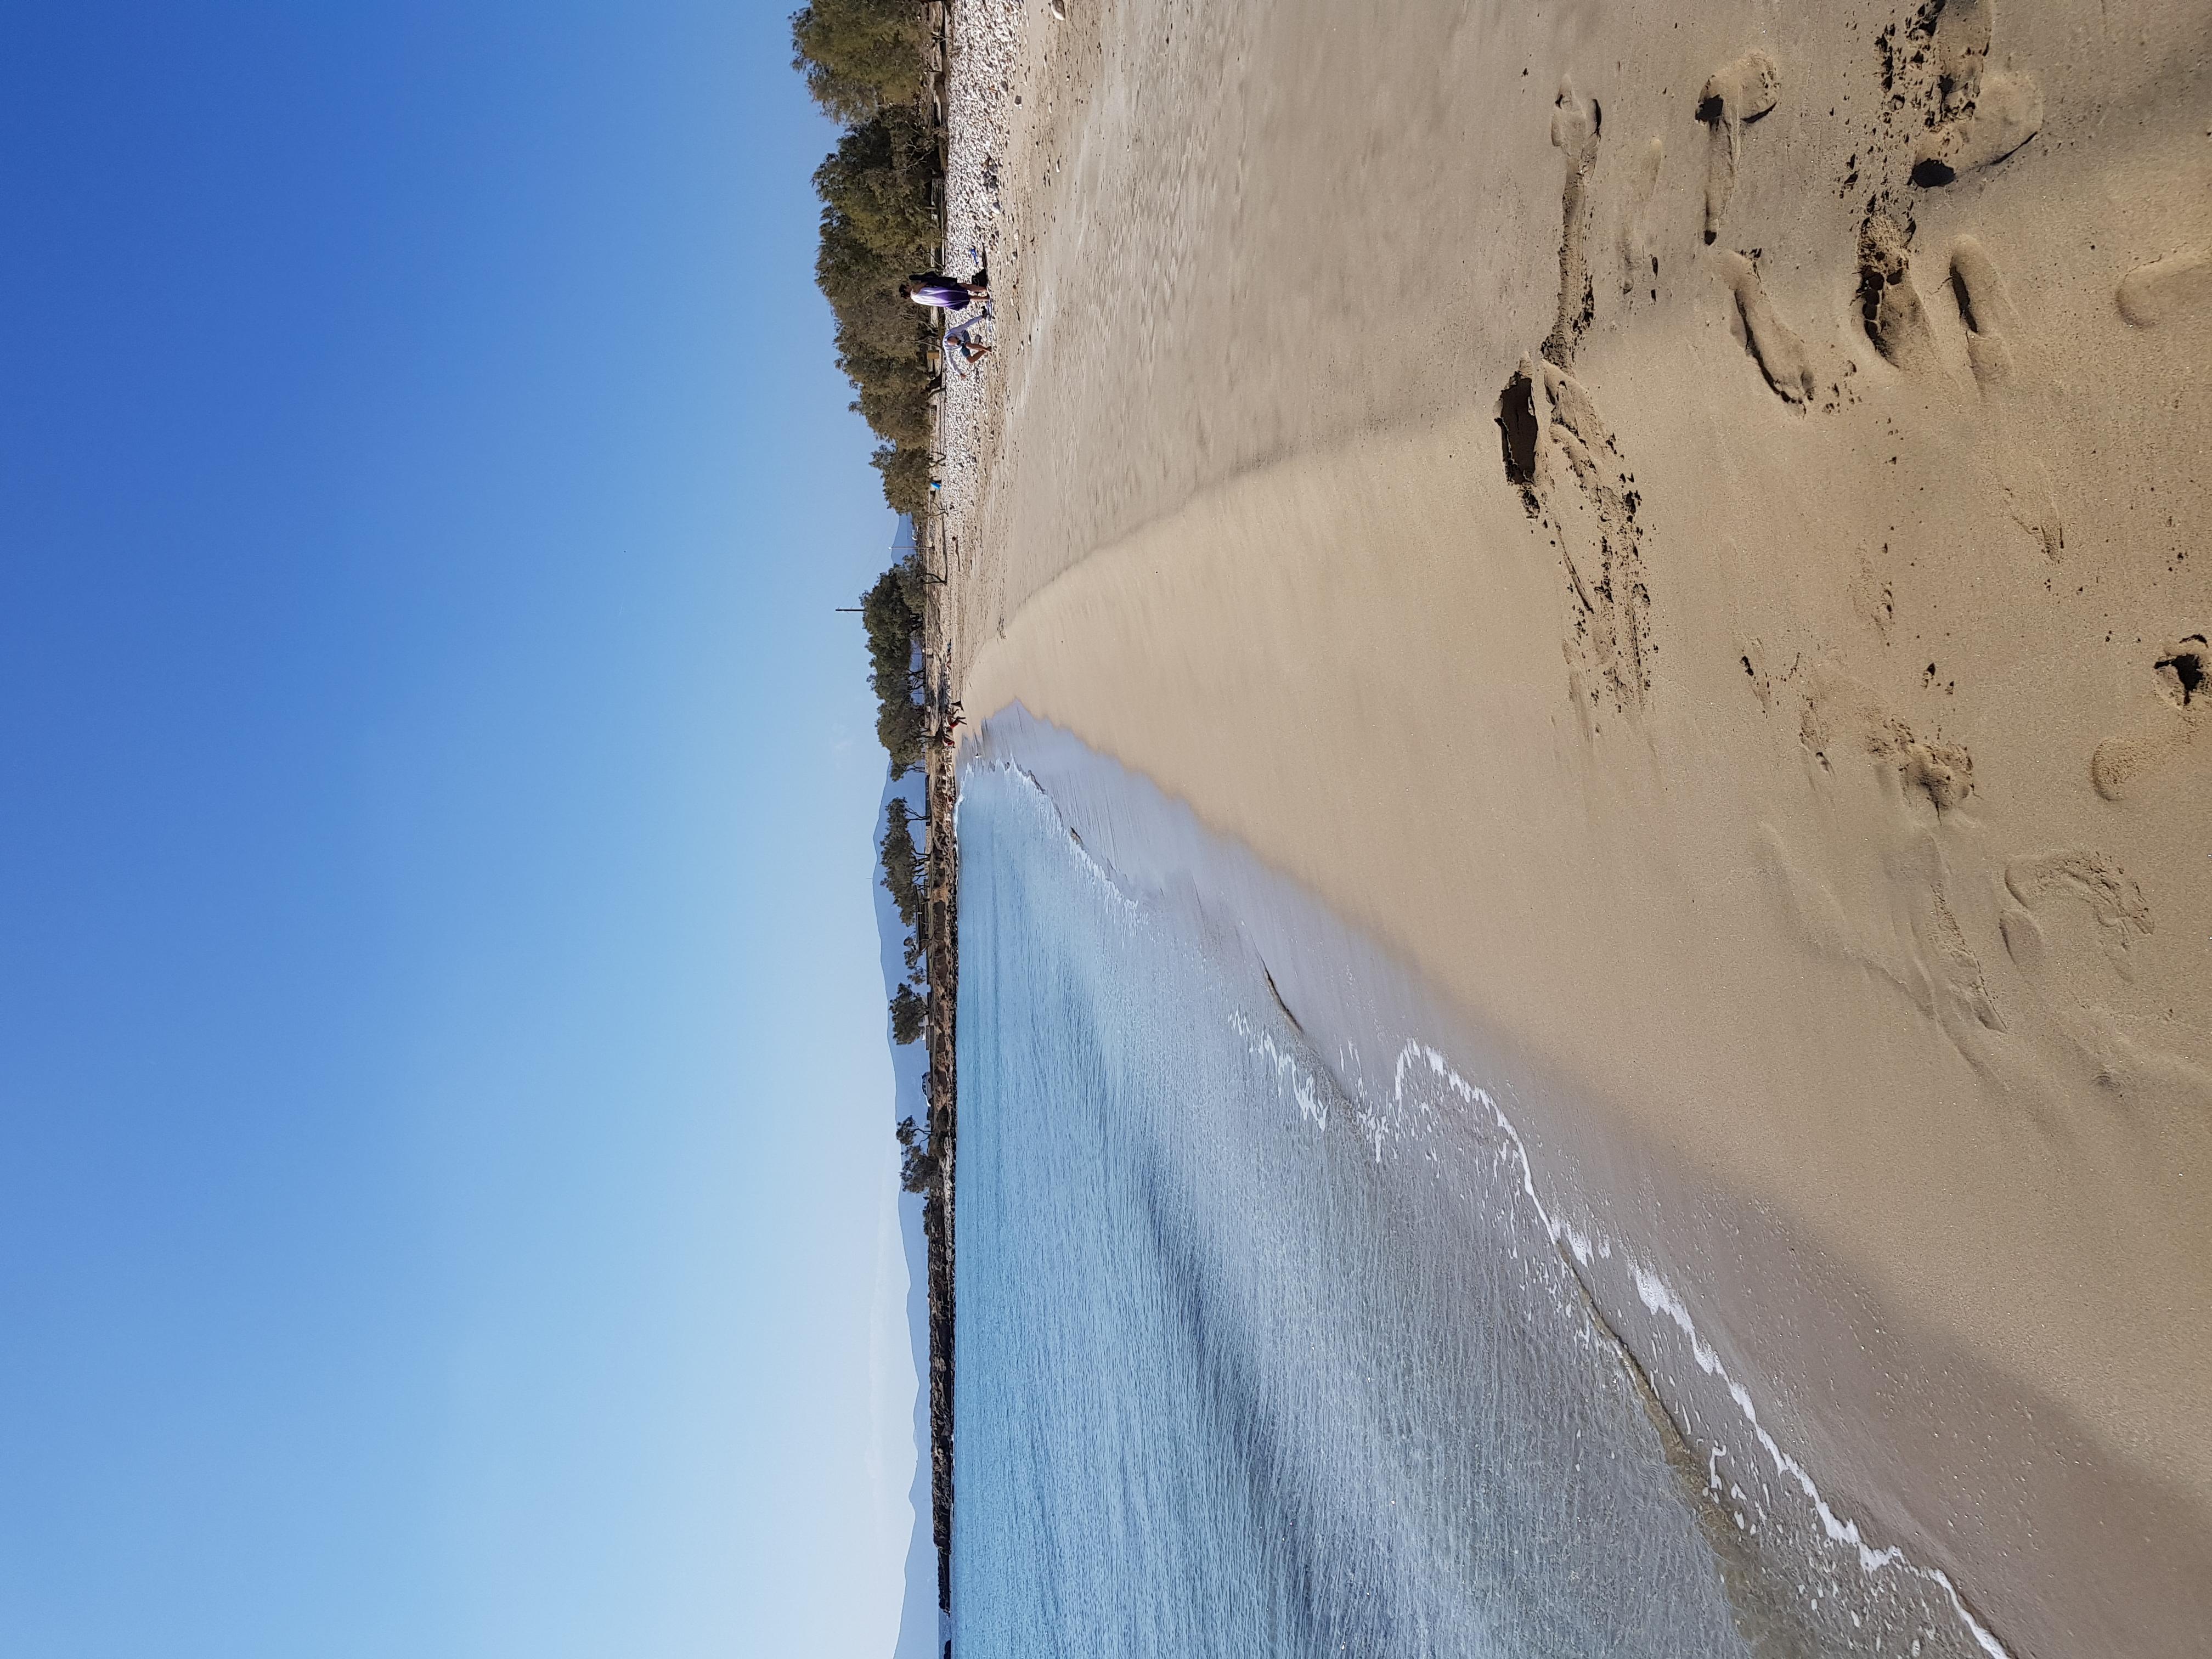 Piso Aliki beach